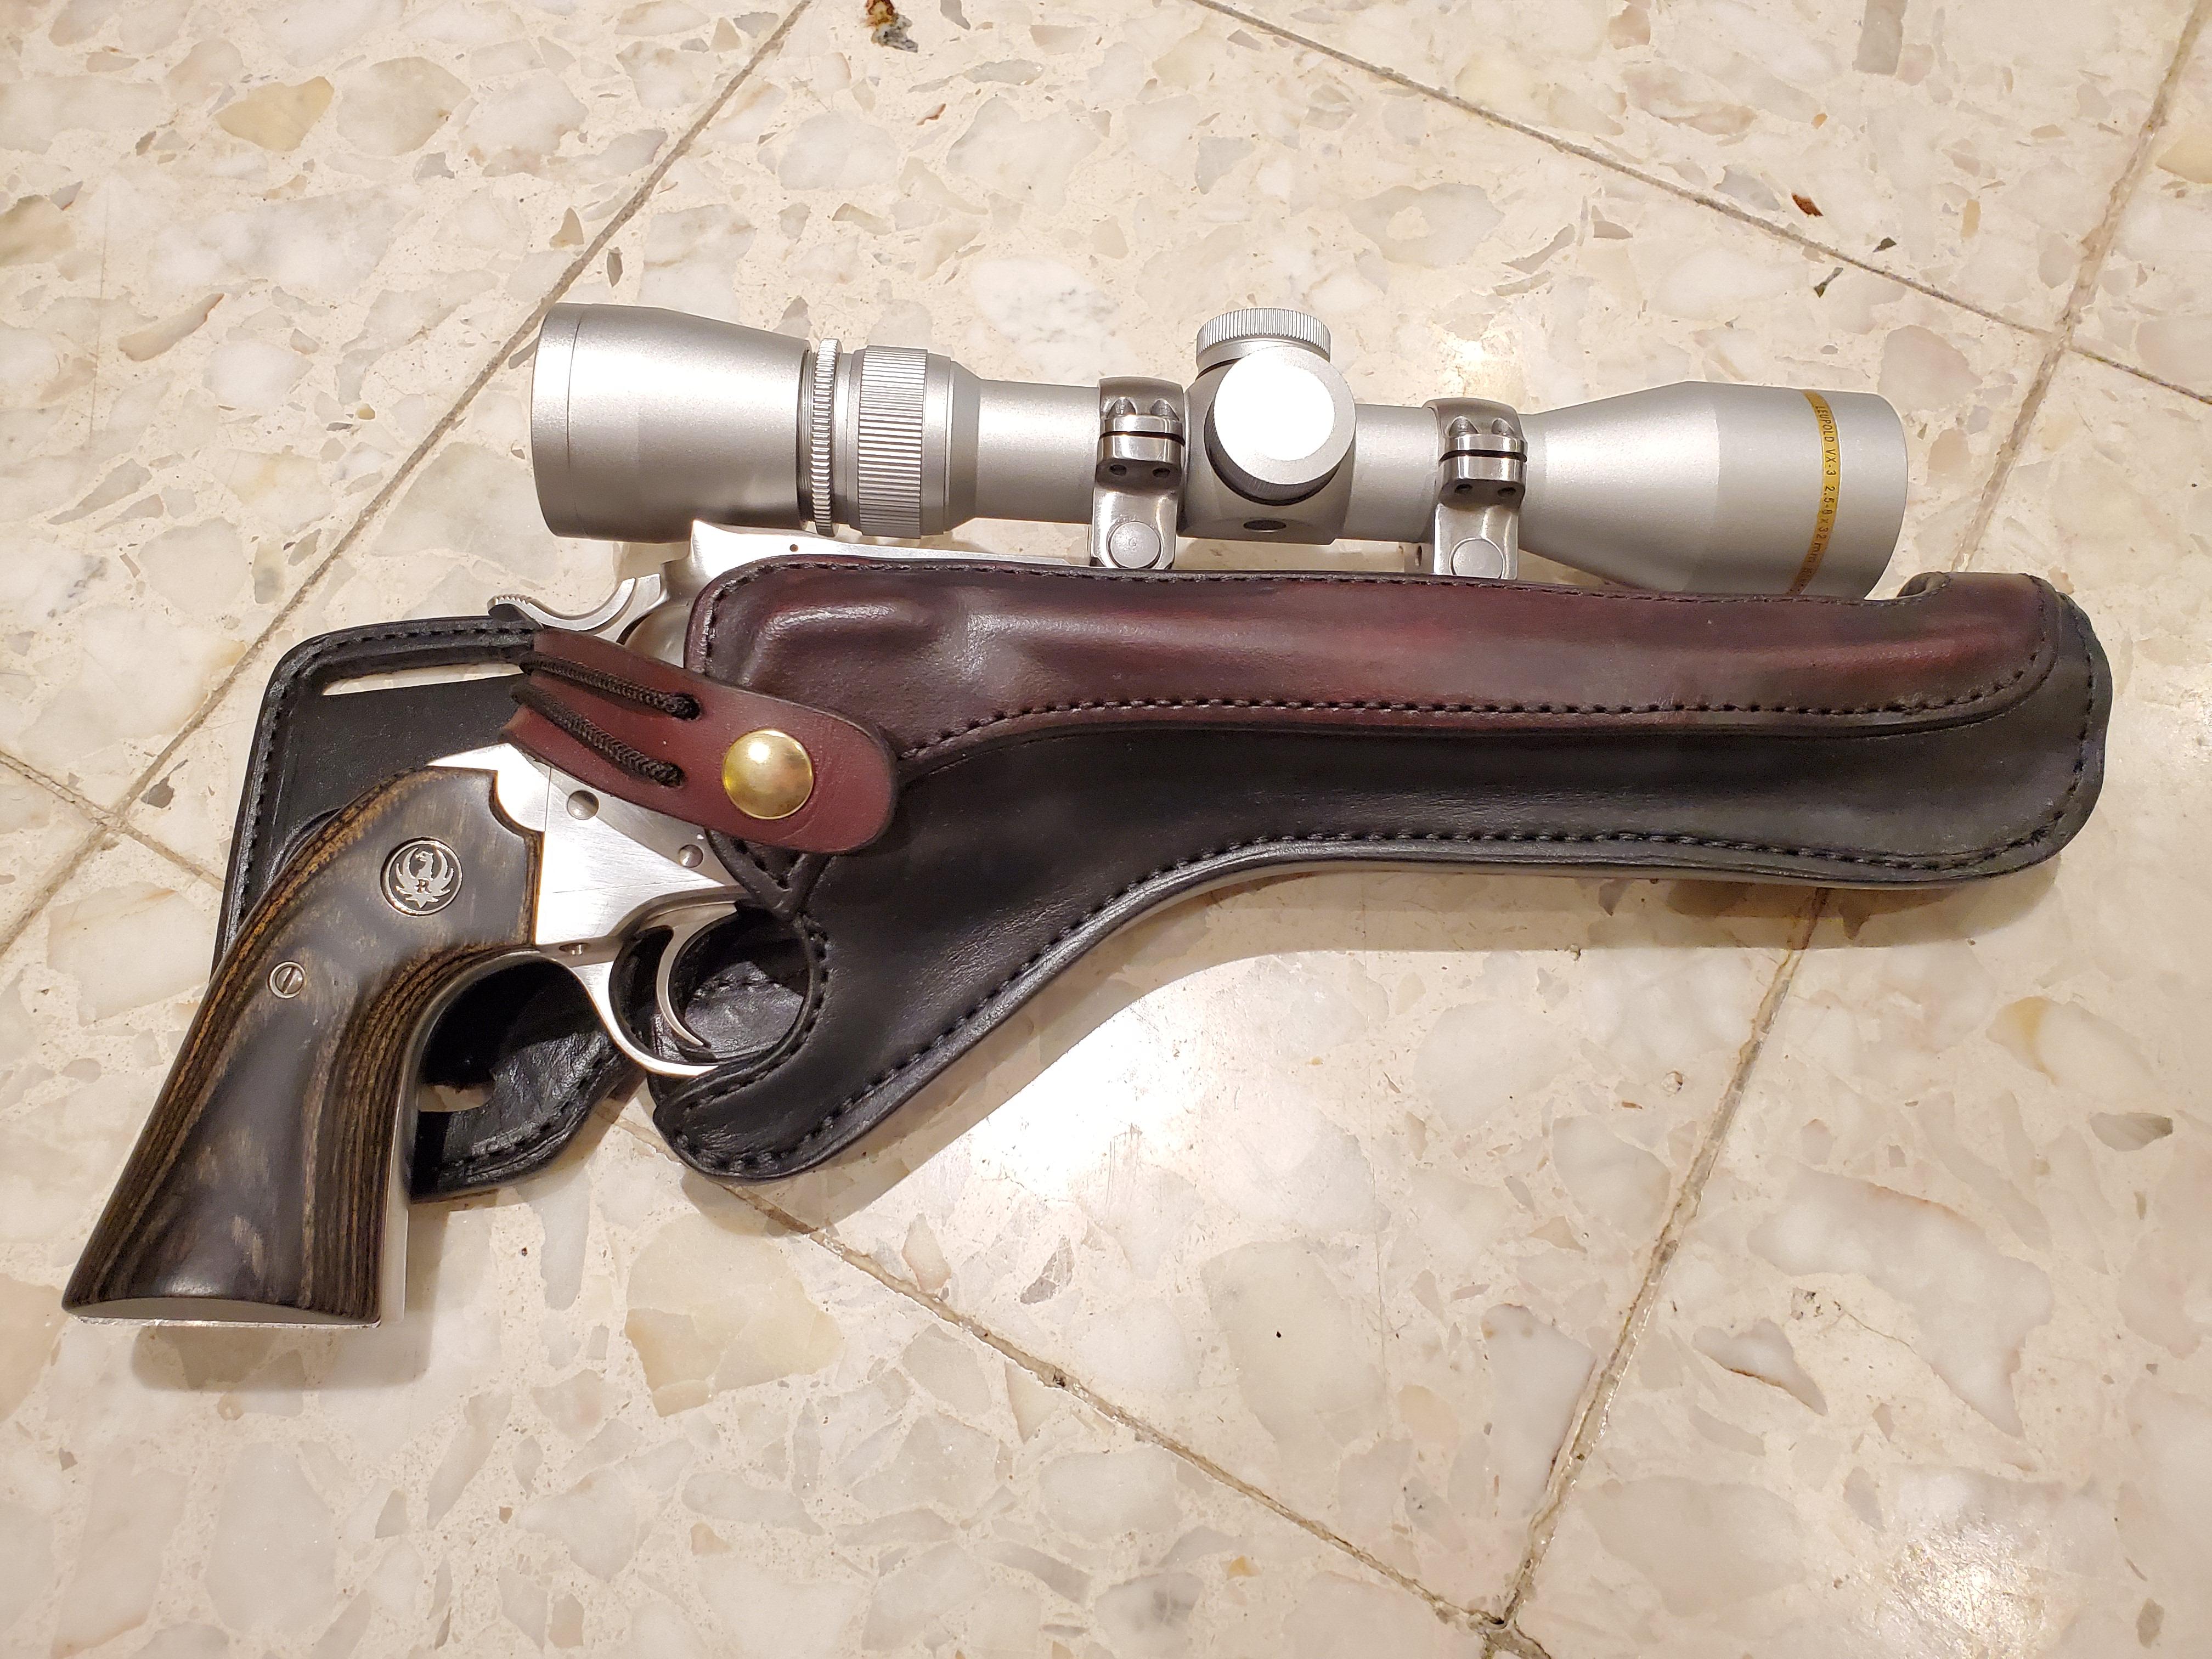 Nelson Holsters Custom Scoped Pistol Holster-20191125_193734.jpg